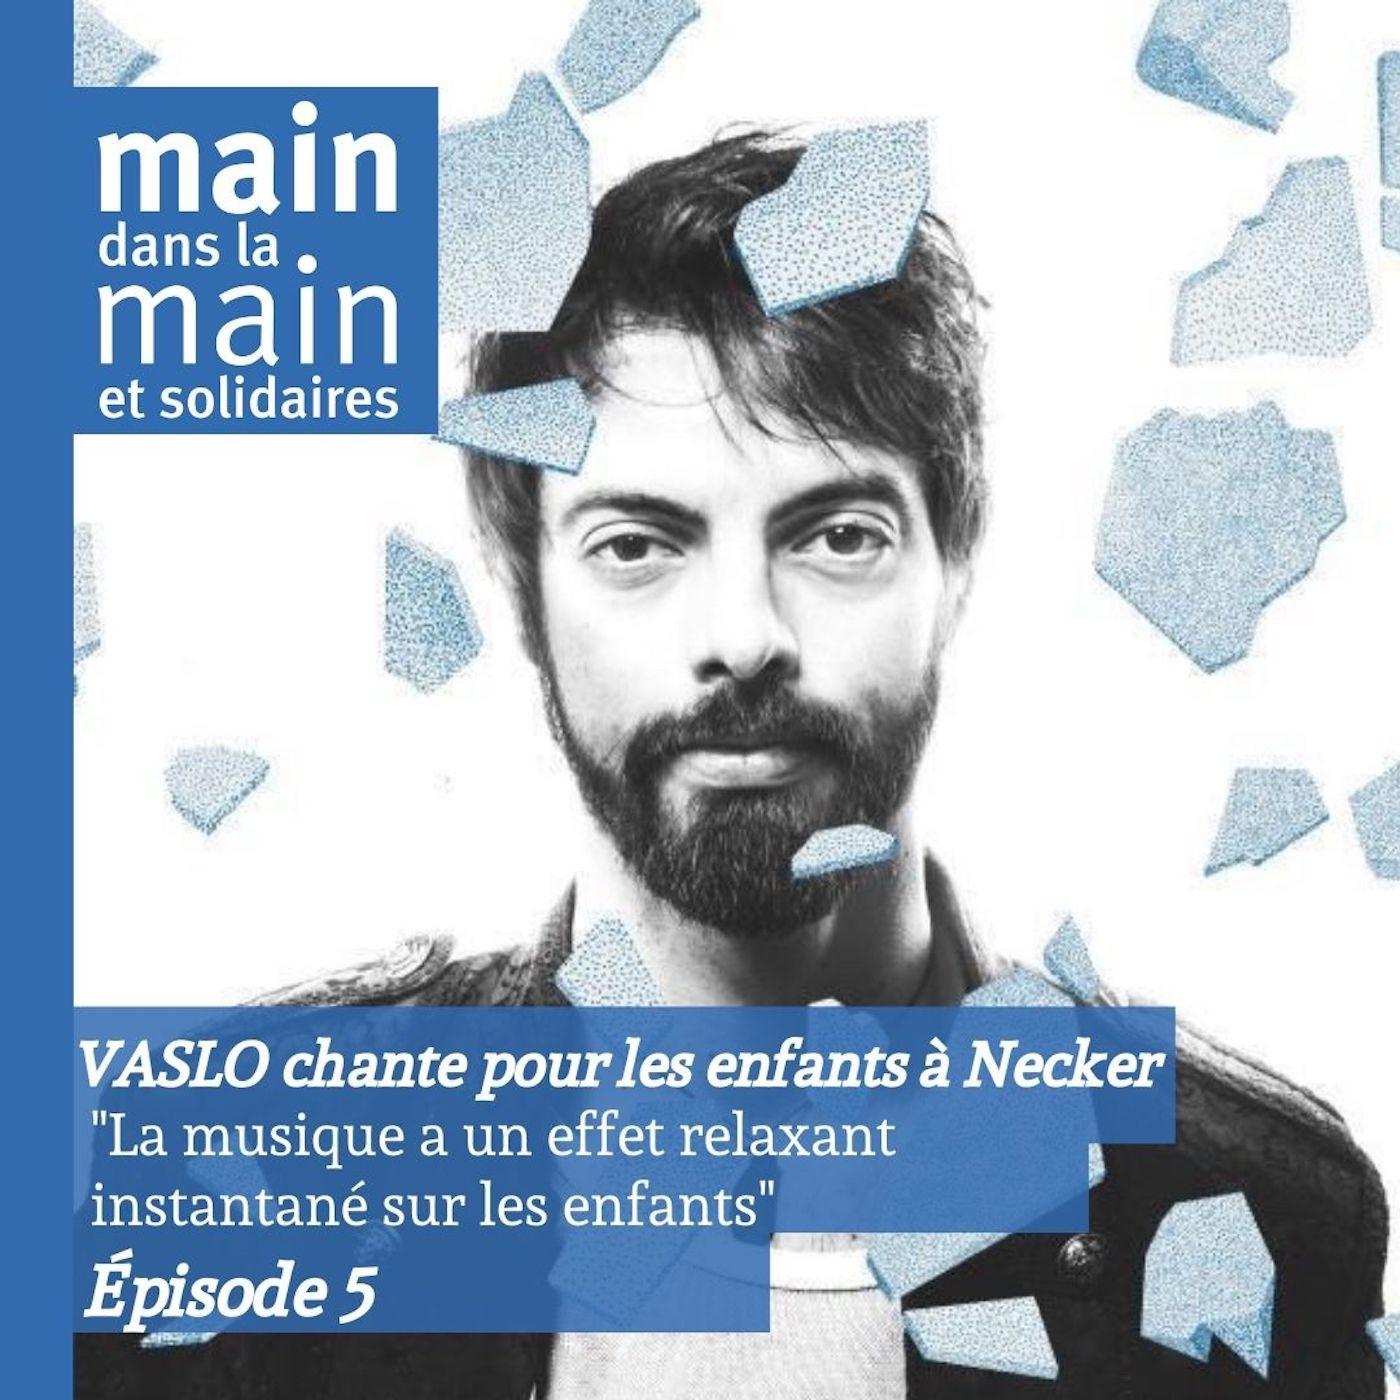 Episode 5 : Vaslo chante pour les enfants de l'hôpital Necker